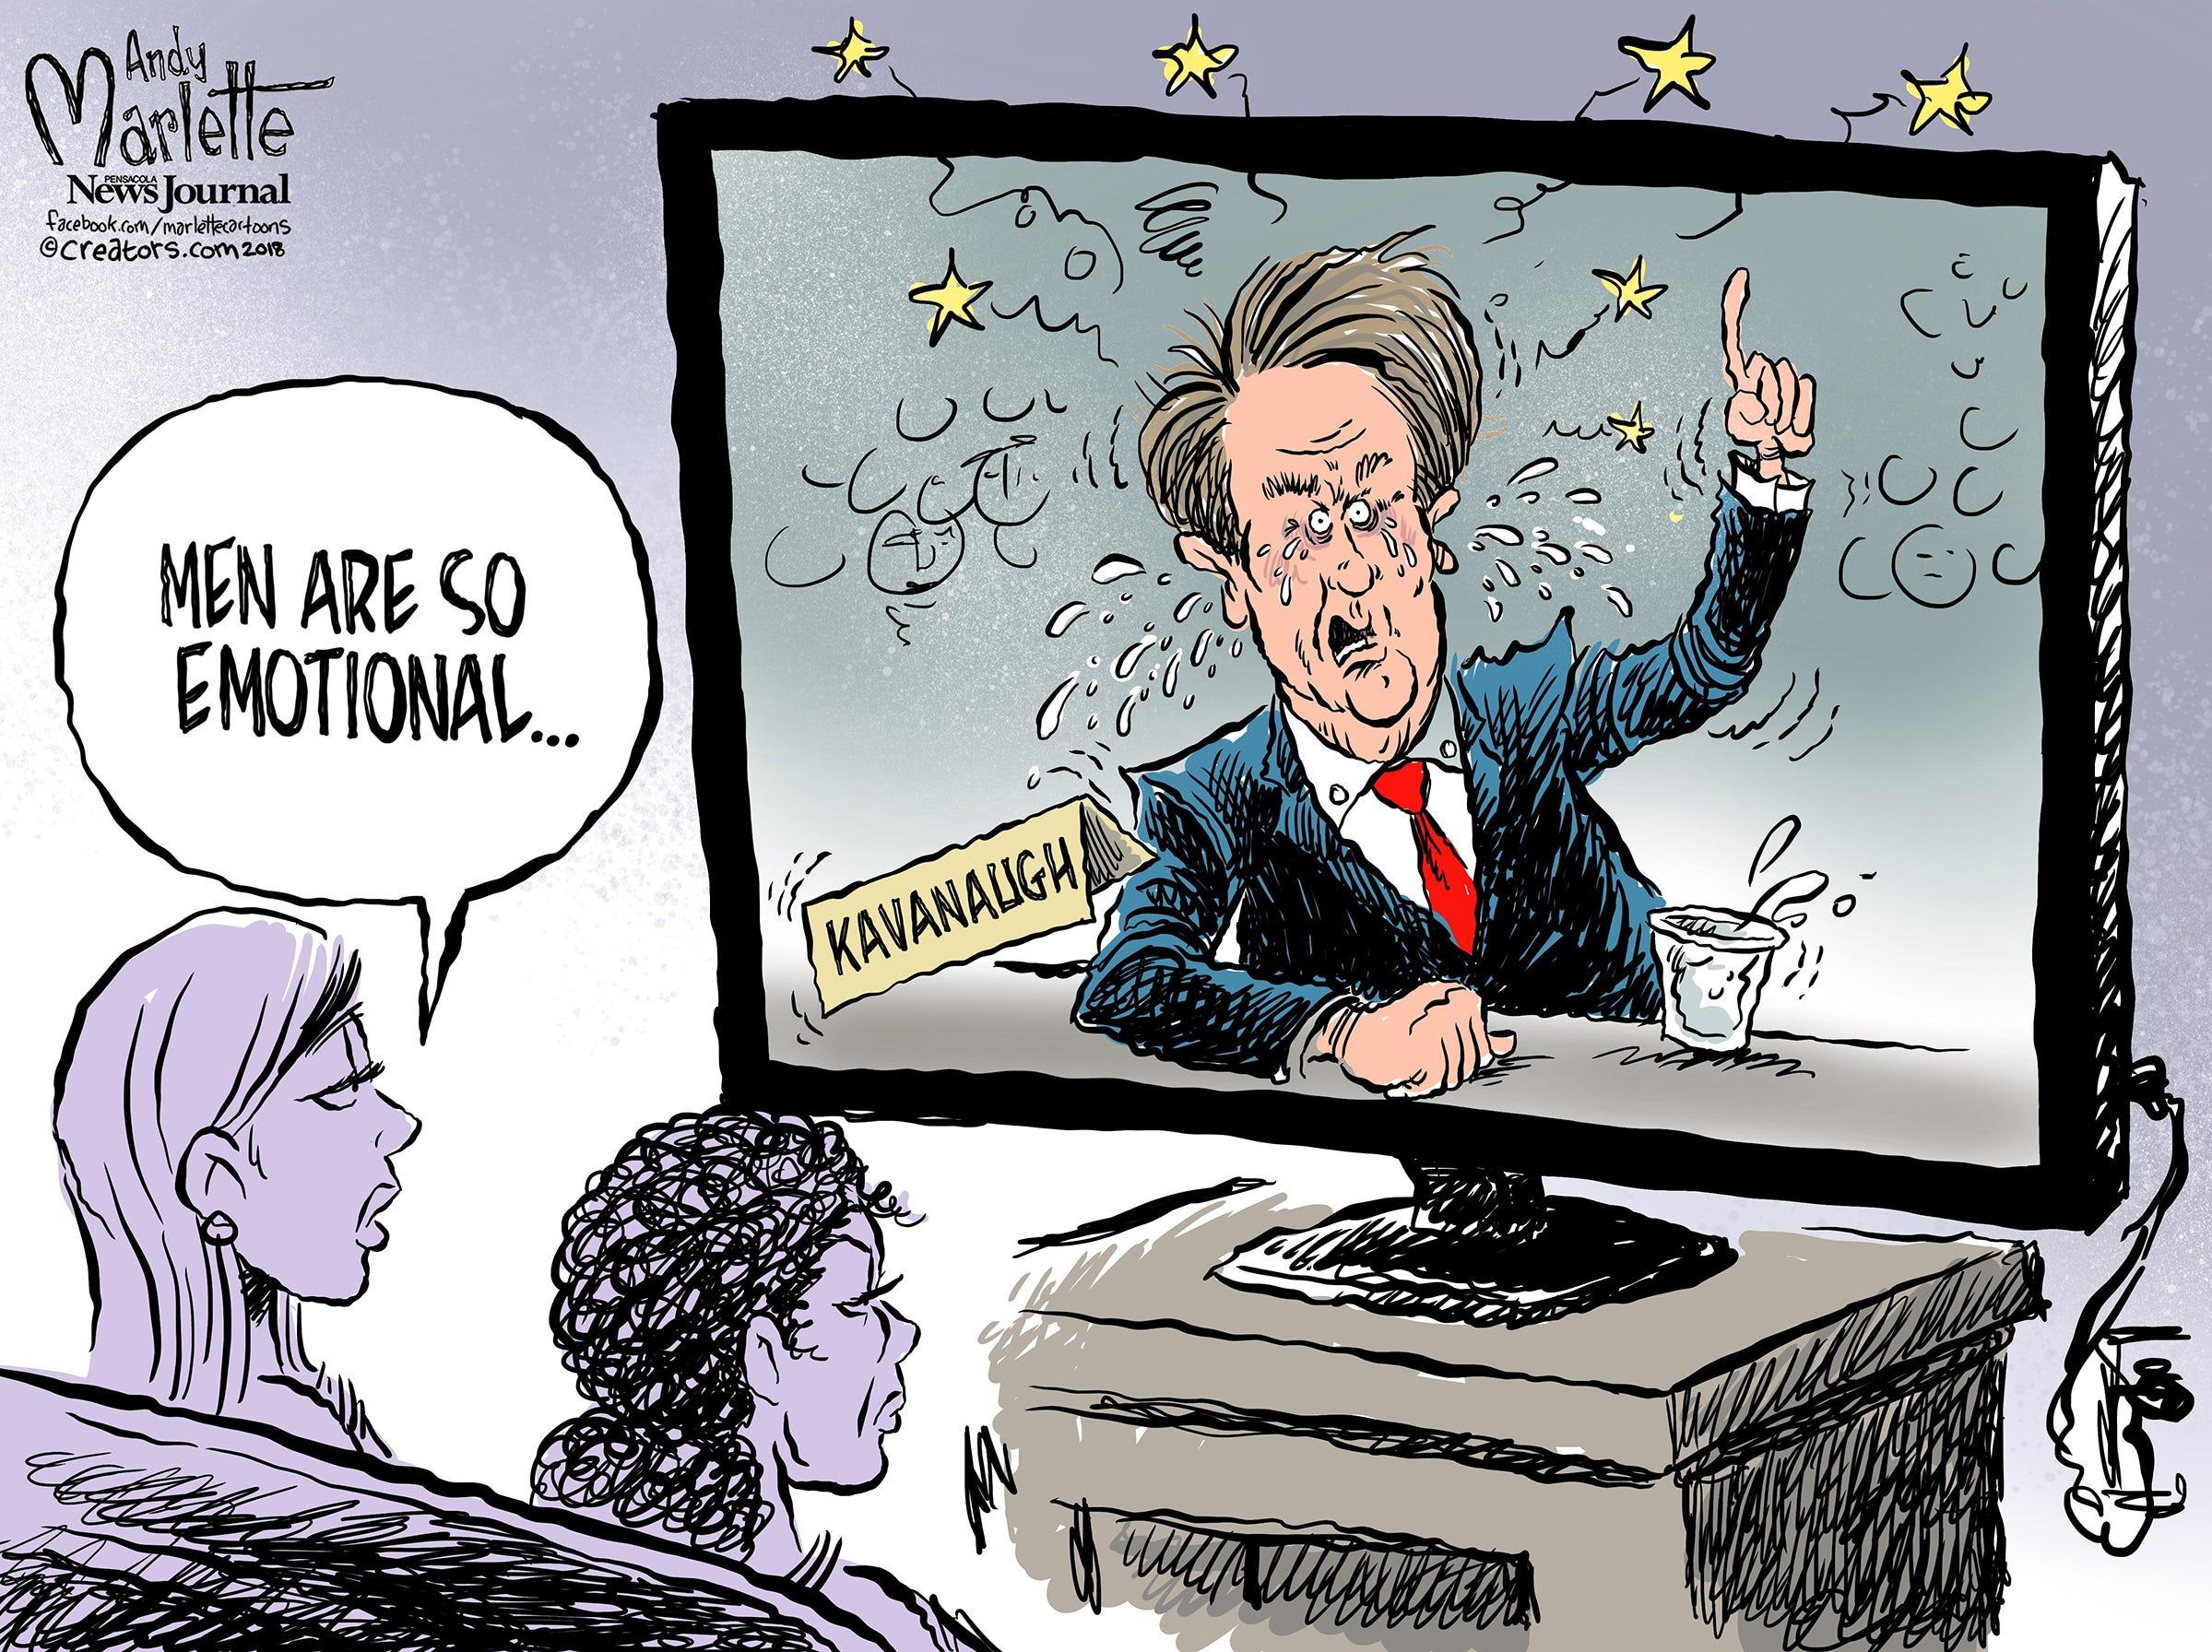 #Kavanaugh in Cartoons